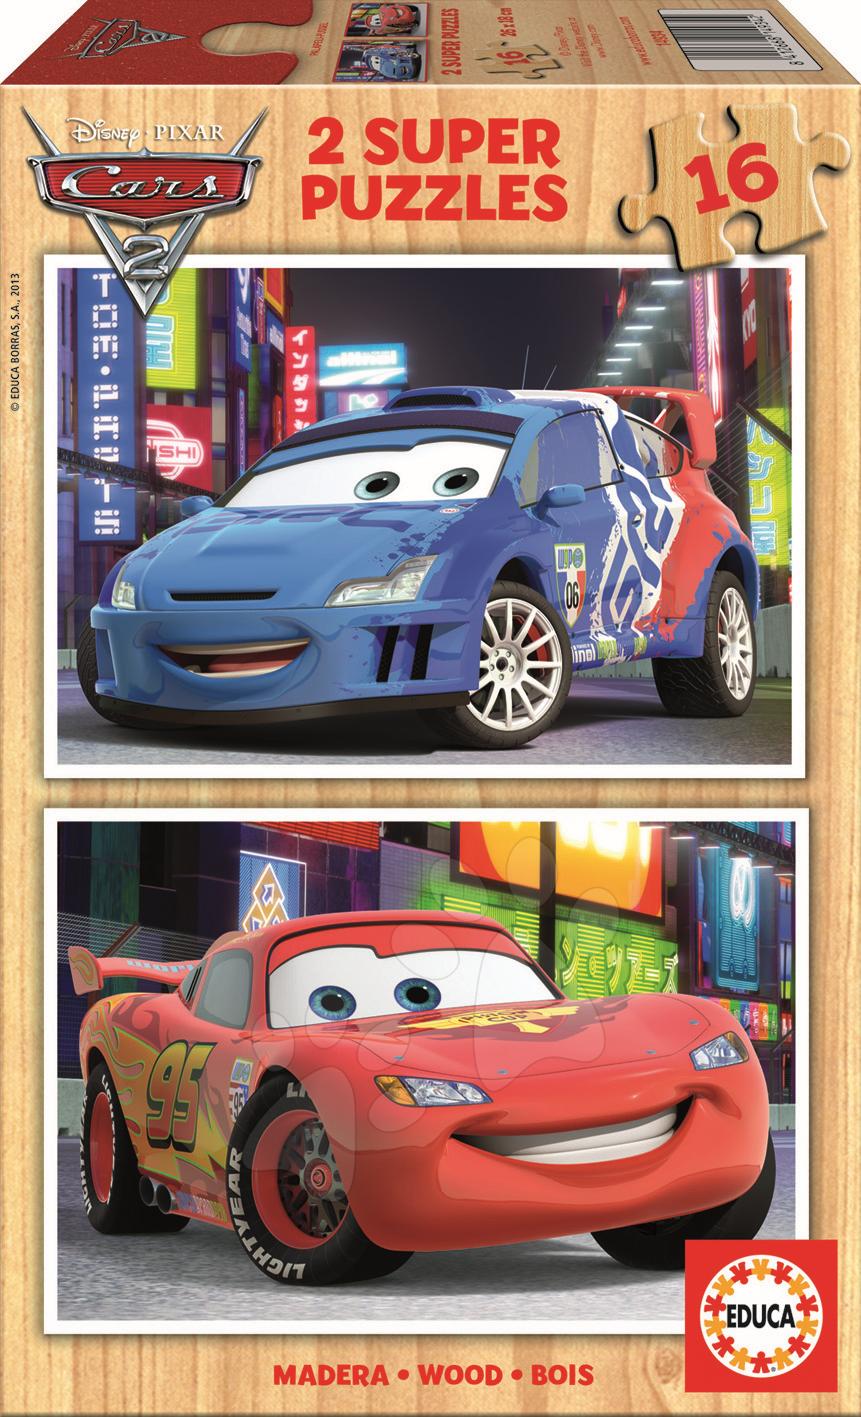 Dřevěné Disney puzzle - Dřevěné puzzle Auta 2 Educa 2x16 dílů